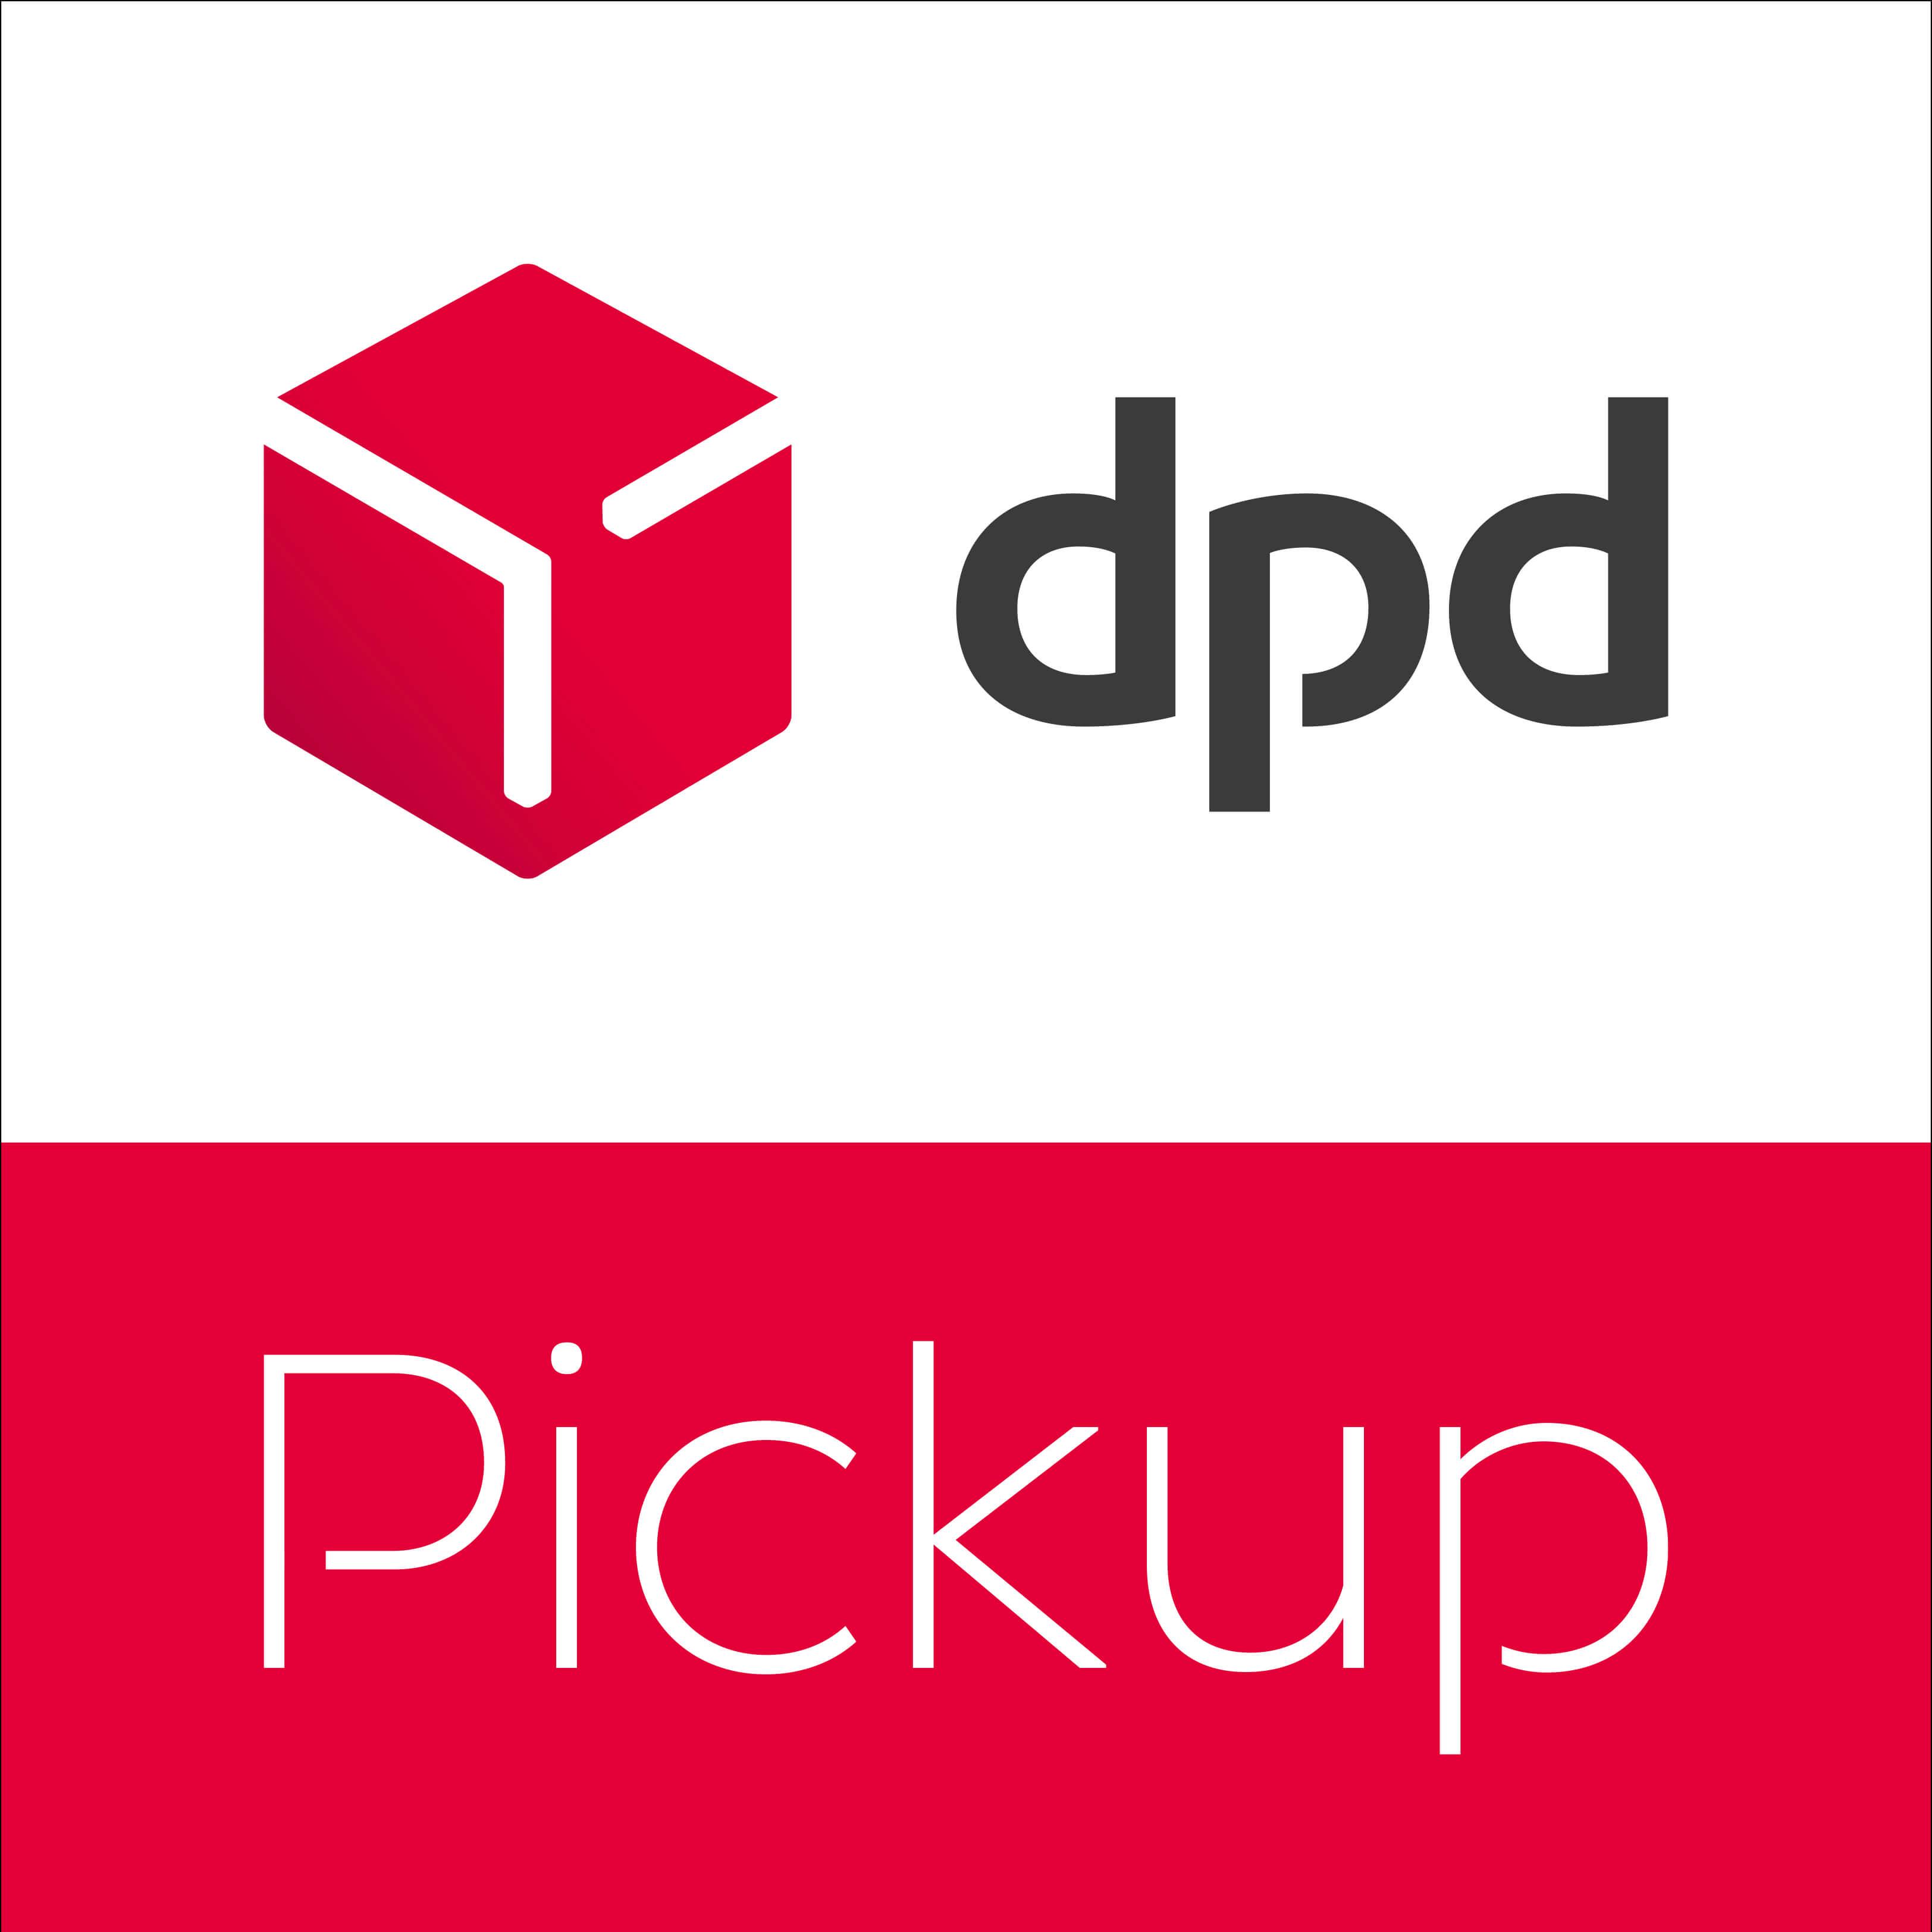 Pickup (1).jpg